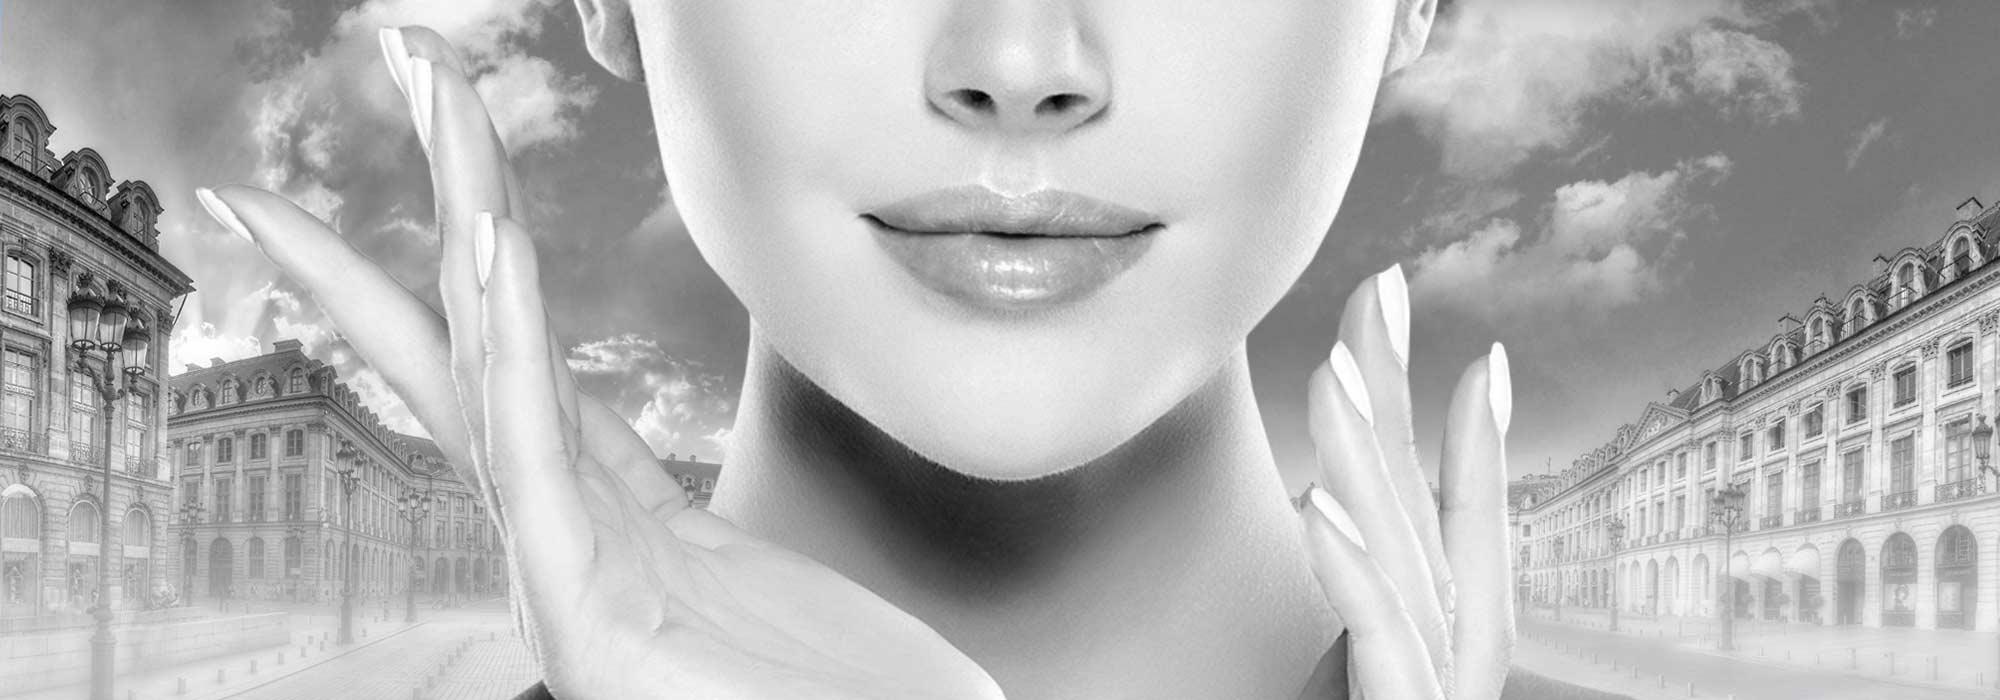 Injection acide hyaluronique des lèvres Paris 01 Dr Cozanet